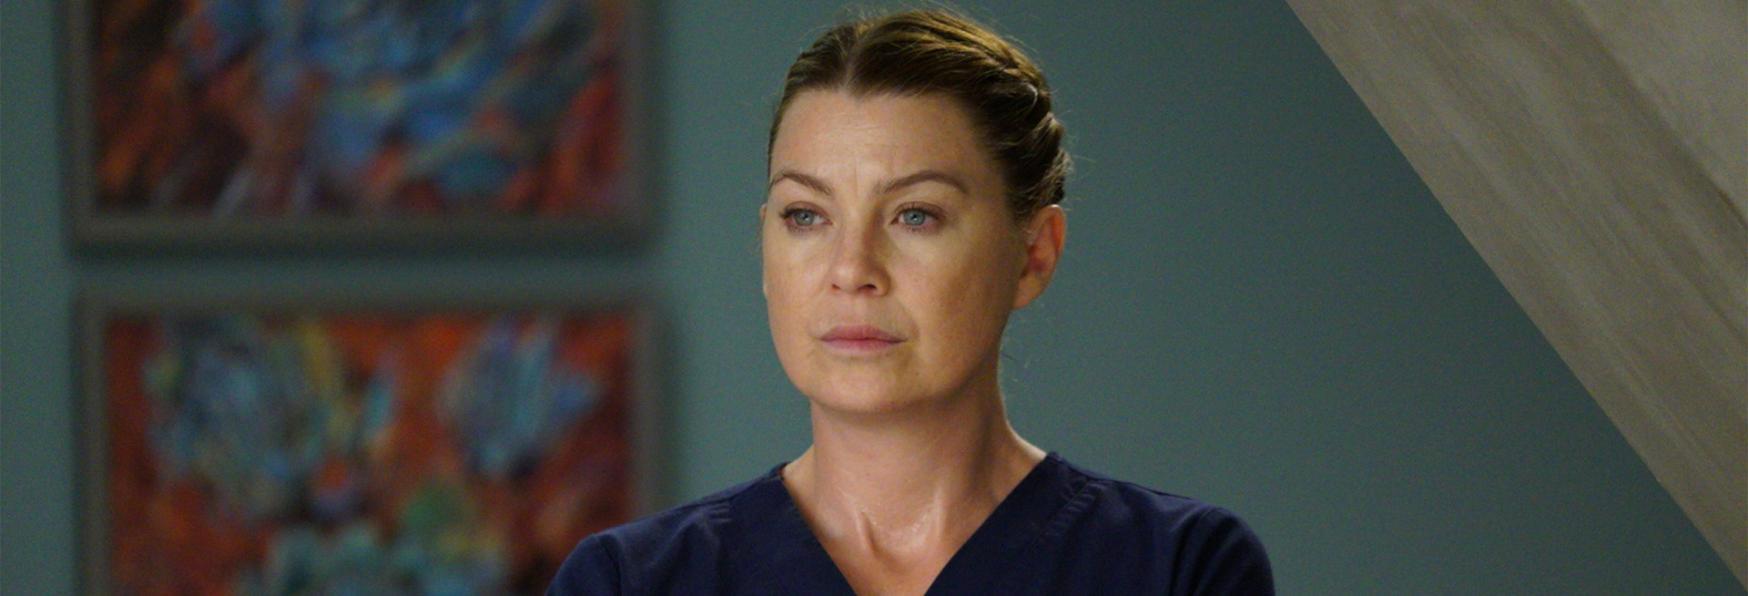 Grey's Anatomy: Ellen Pompeo rimarrà fino alla Fine della Serie?